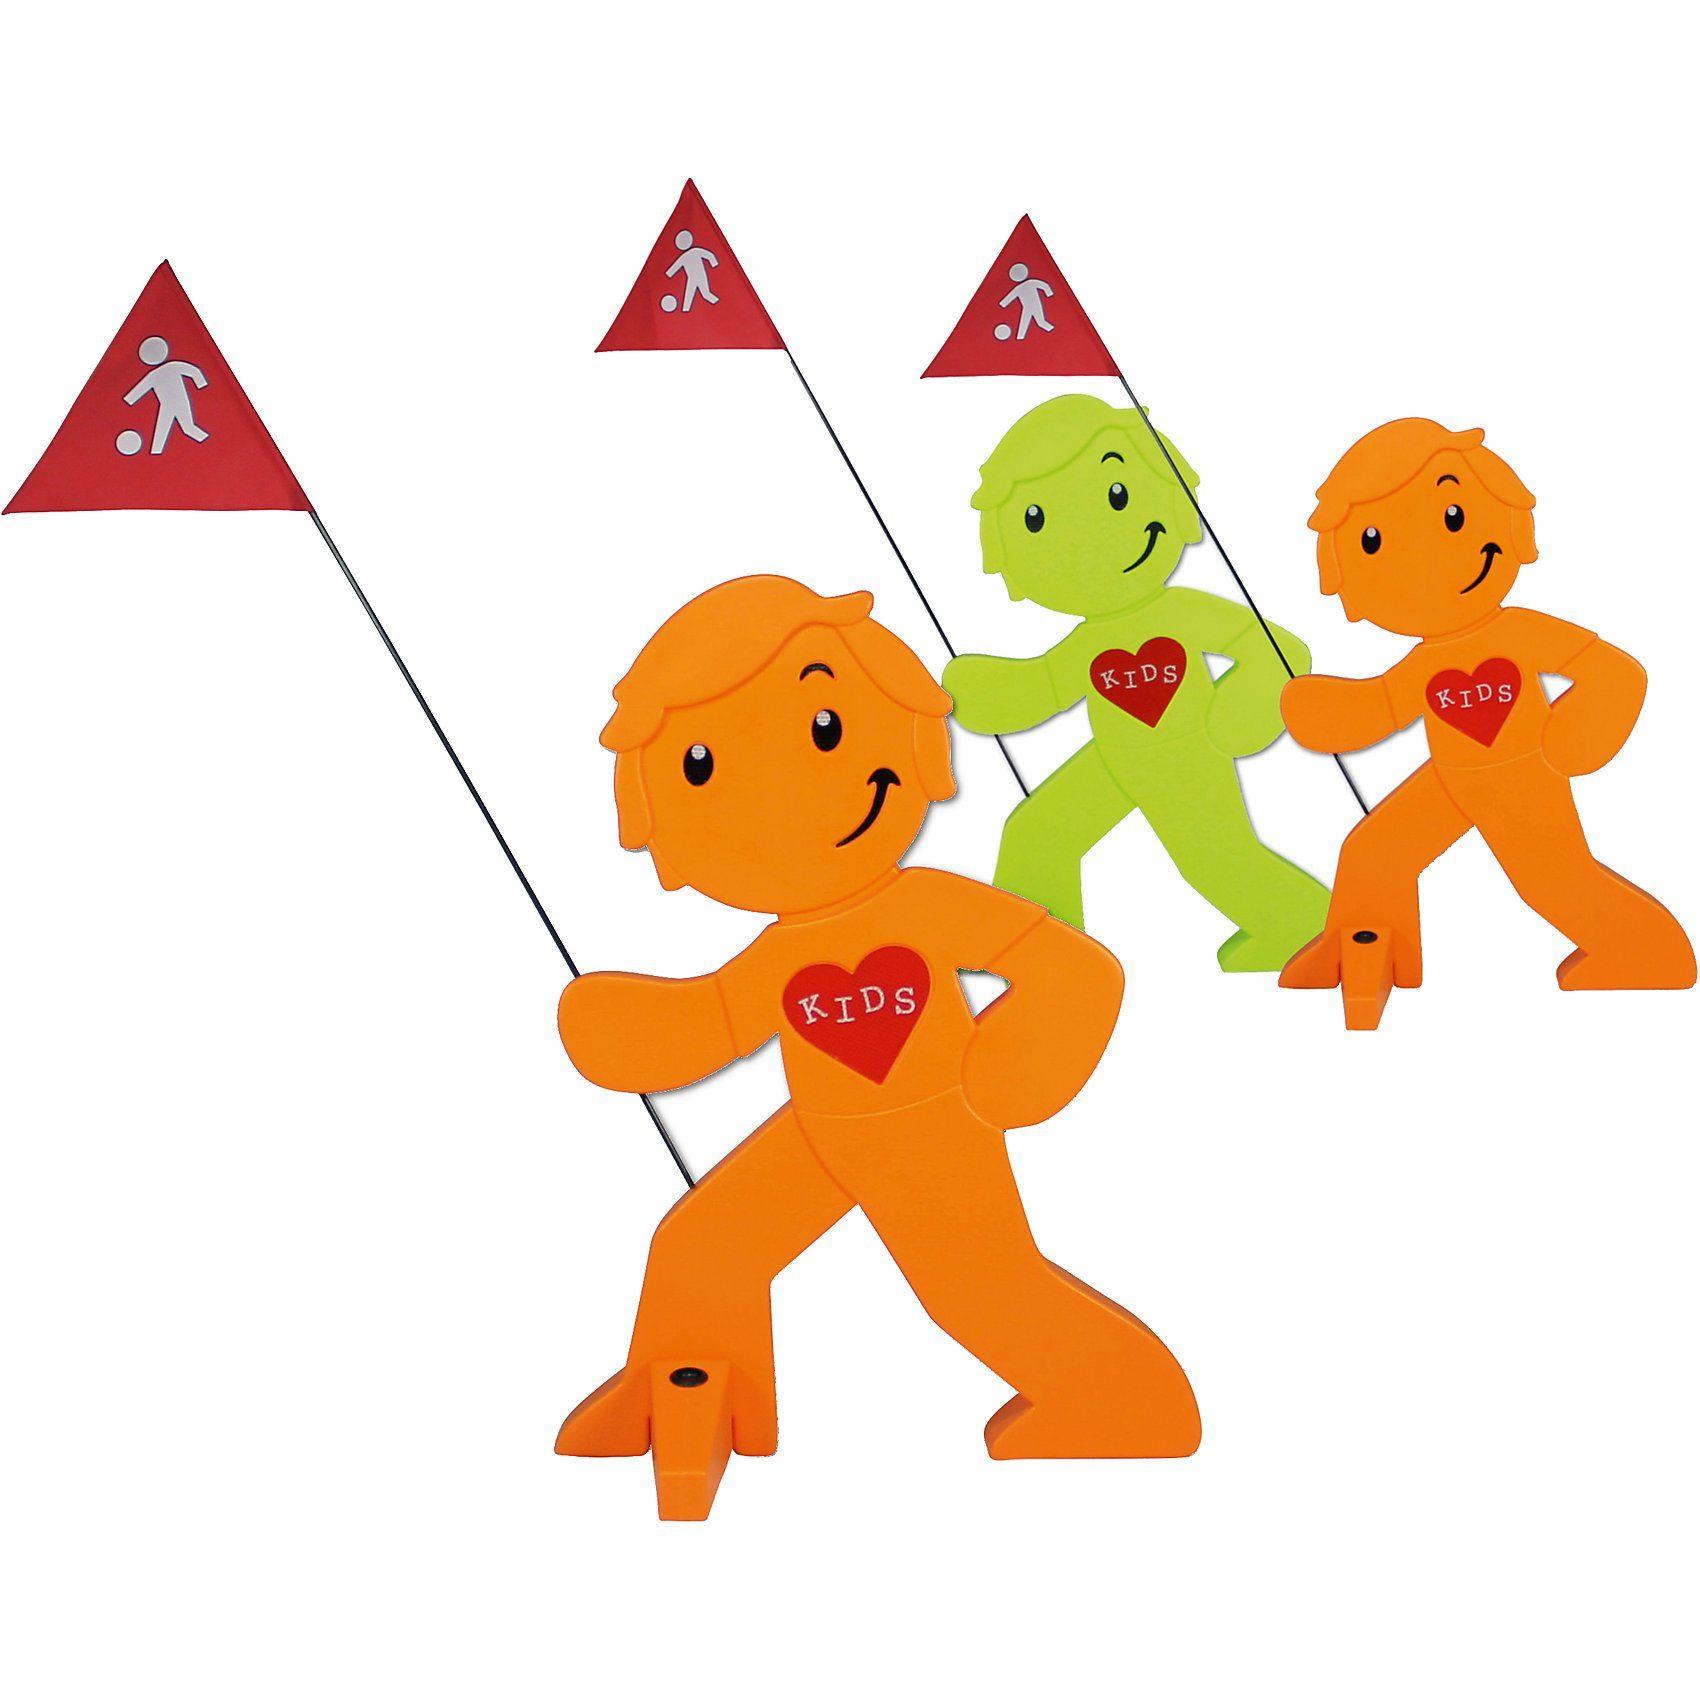 Beachtrekker StreetBuddy Warnfigur für Kindersicherheit, grün/orange, 3 S